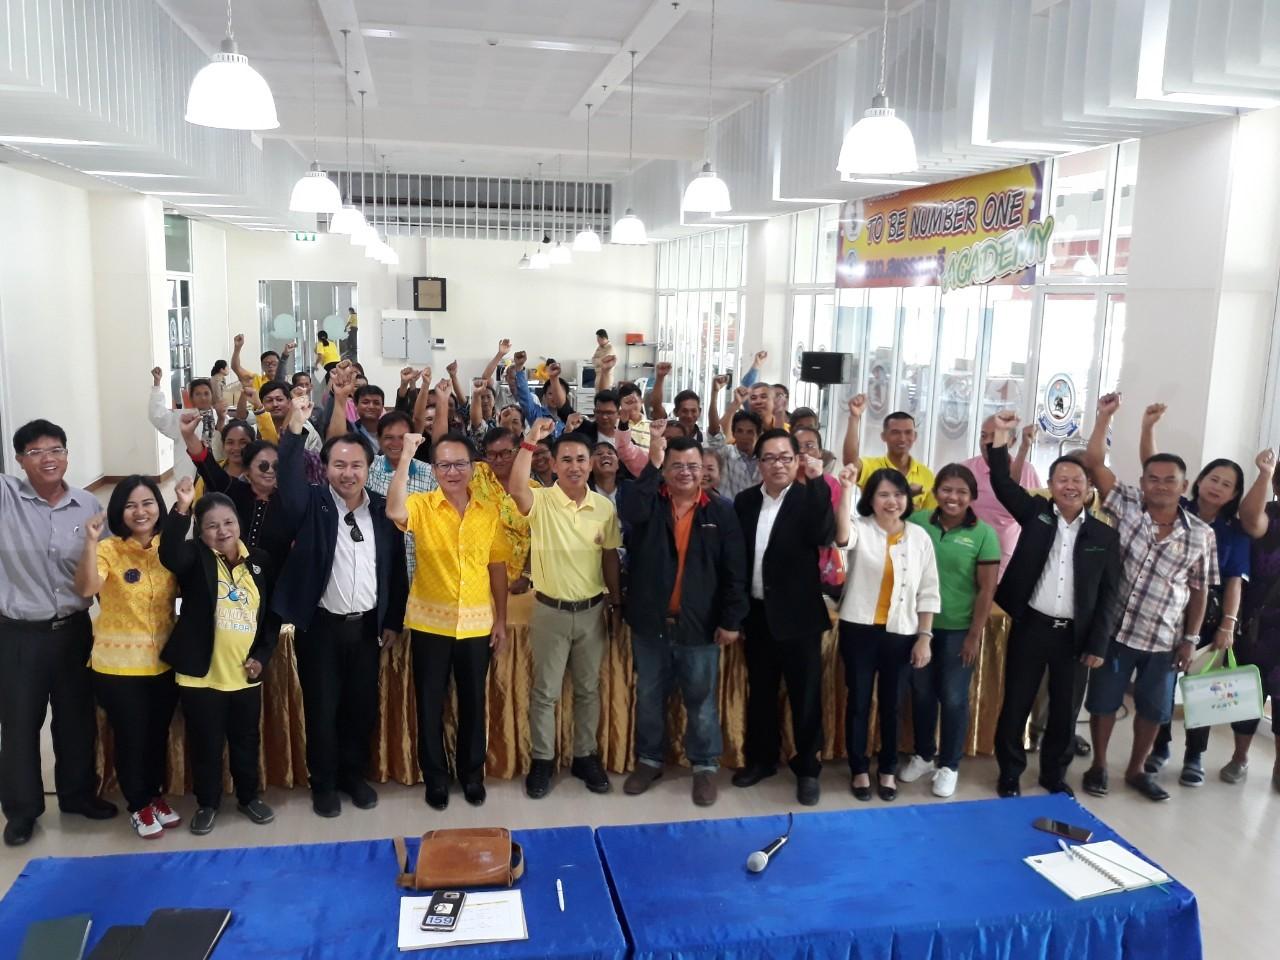 สุพรรณบุรี ประชุมพลังงานชุมชน Energy For All